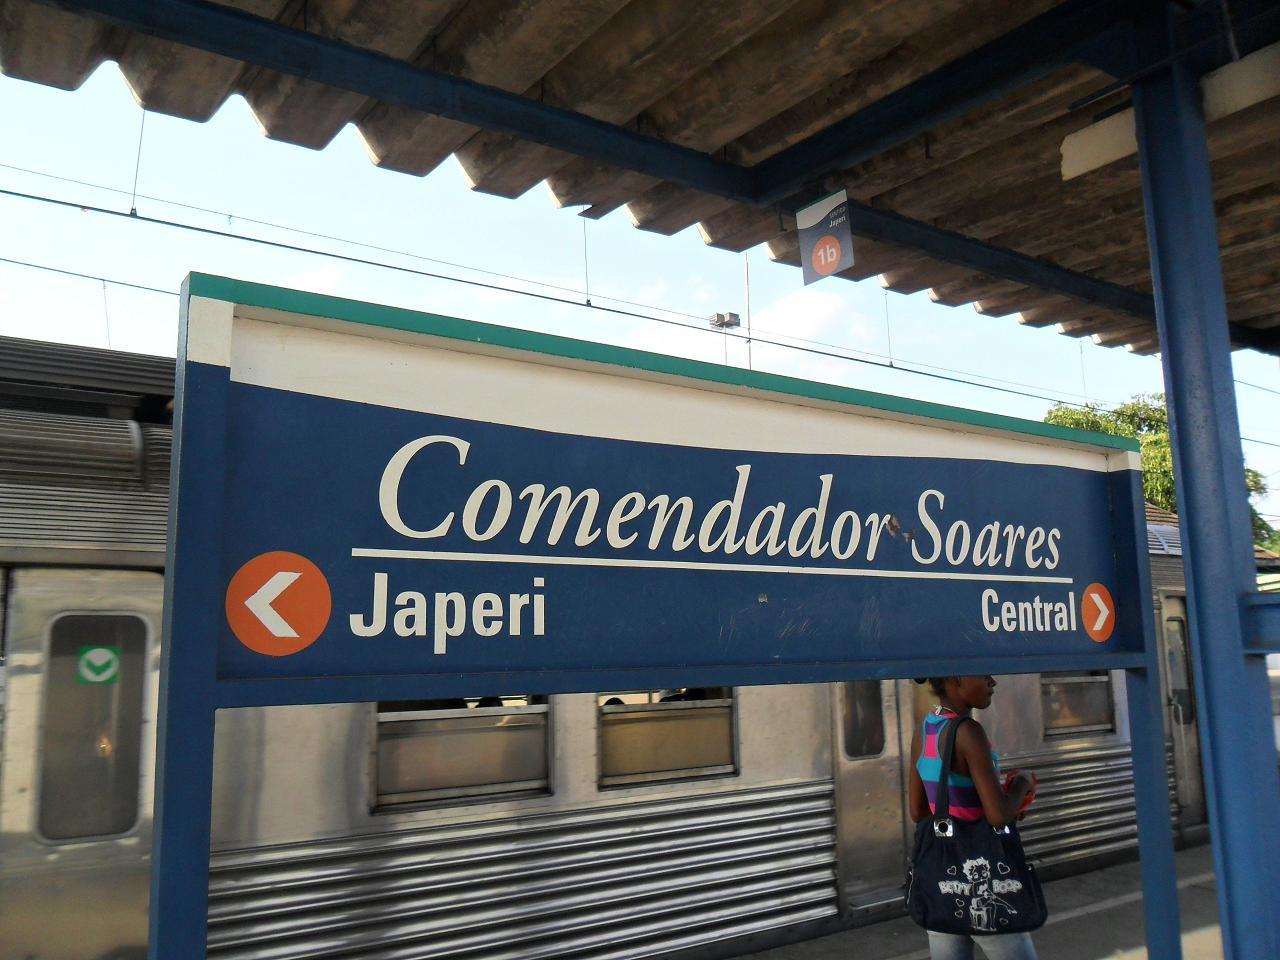 Comendador Soares